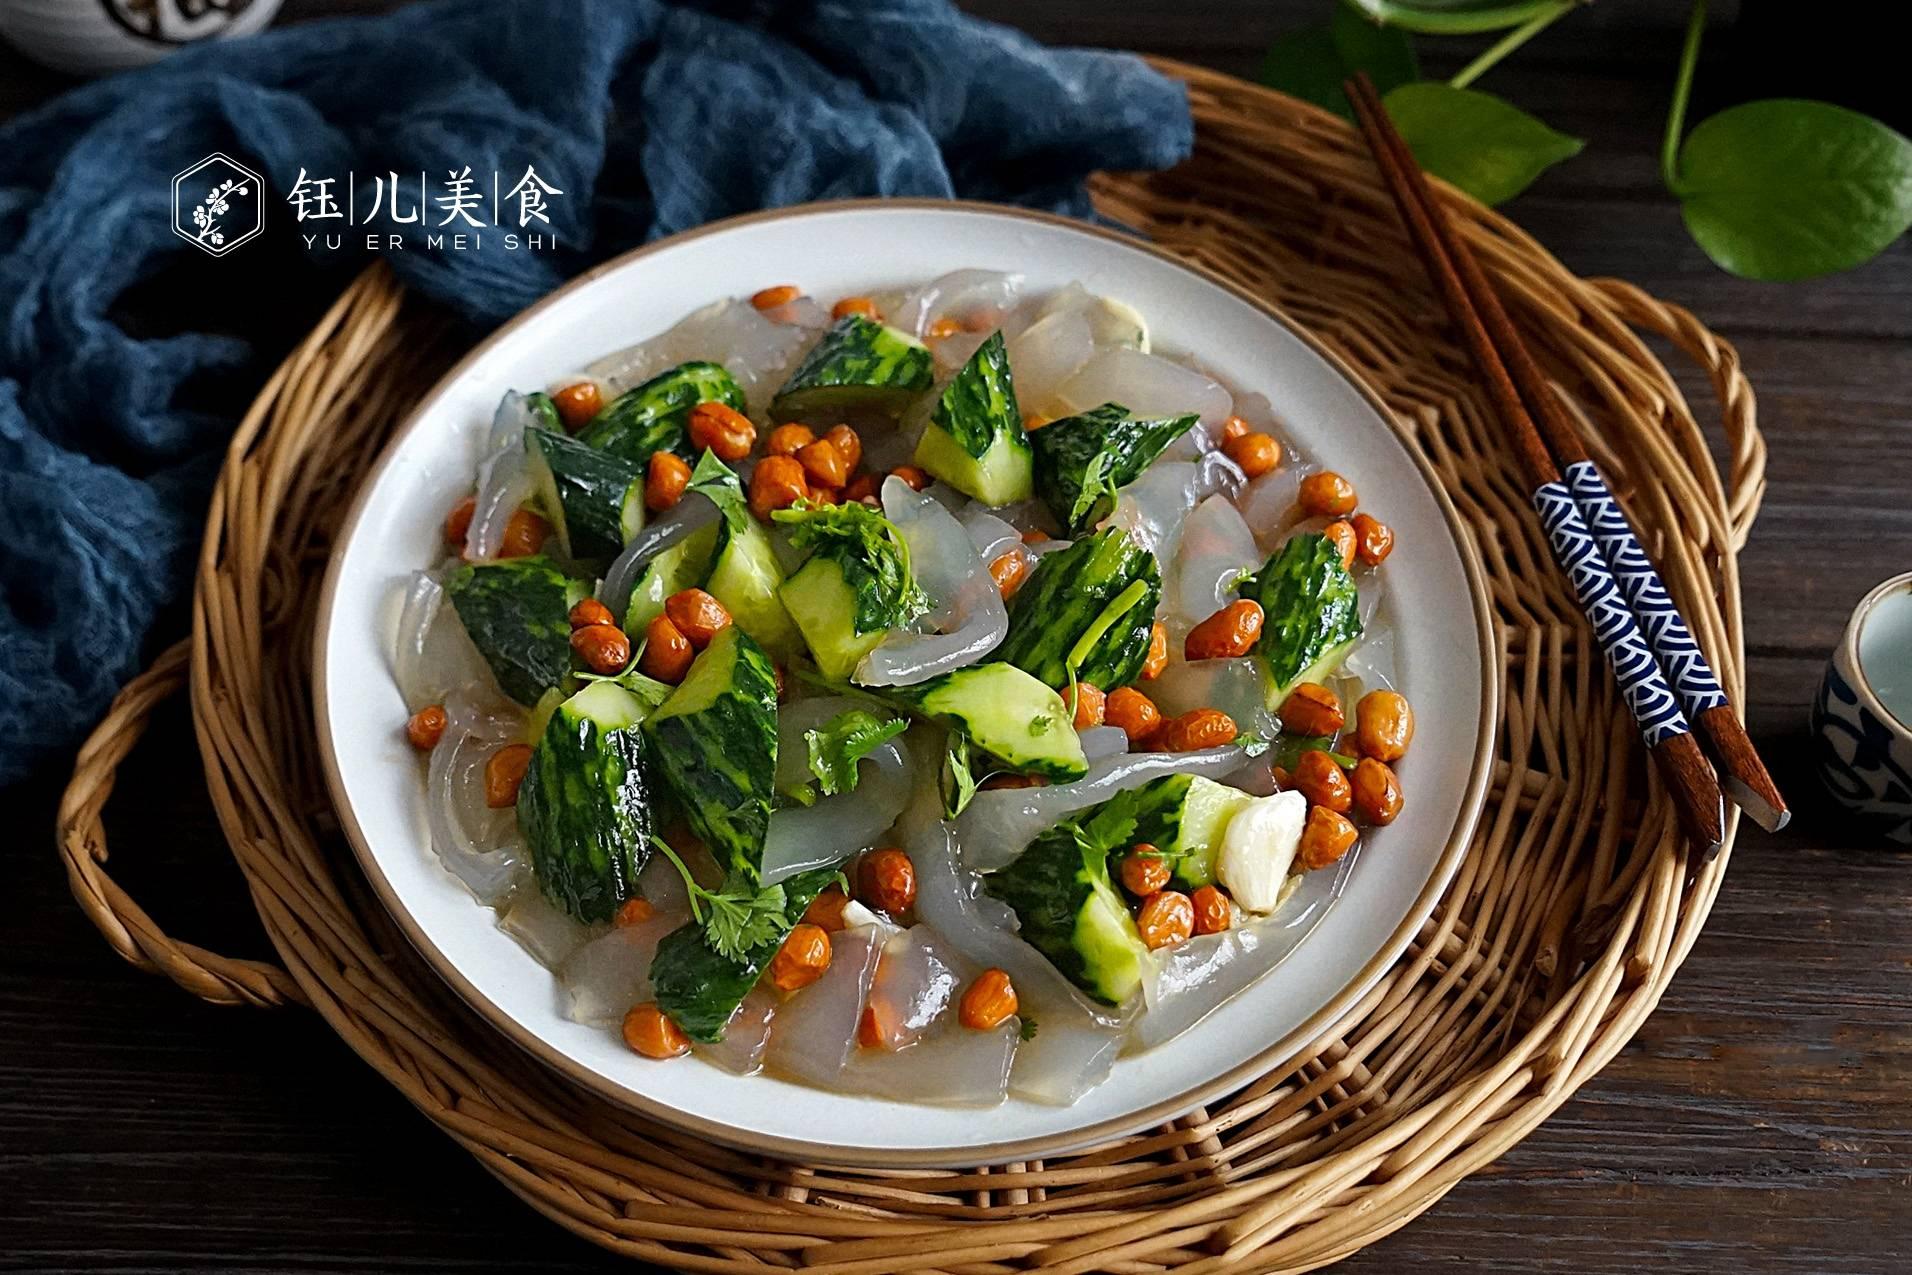 夏季,天热多吃这8道家常菜,应季而食又营养,帮助家人顺利度夏